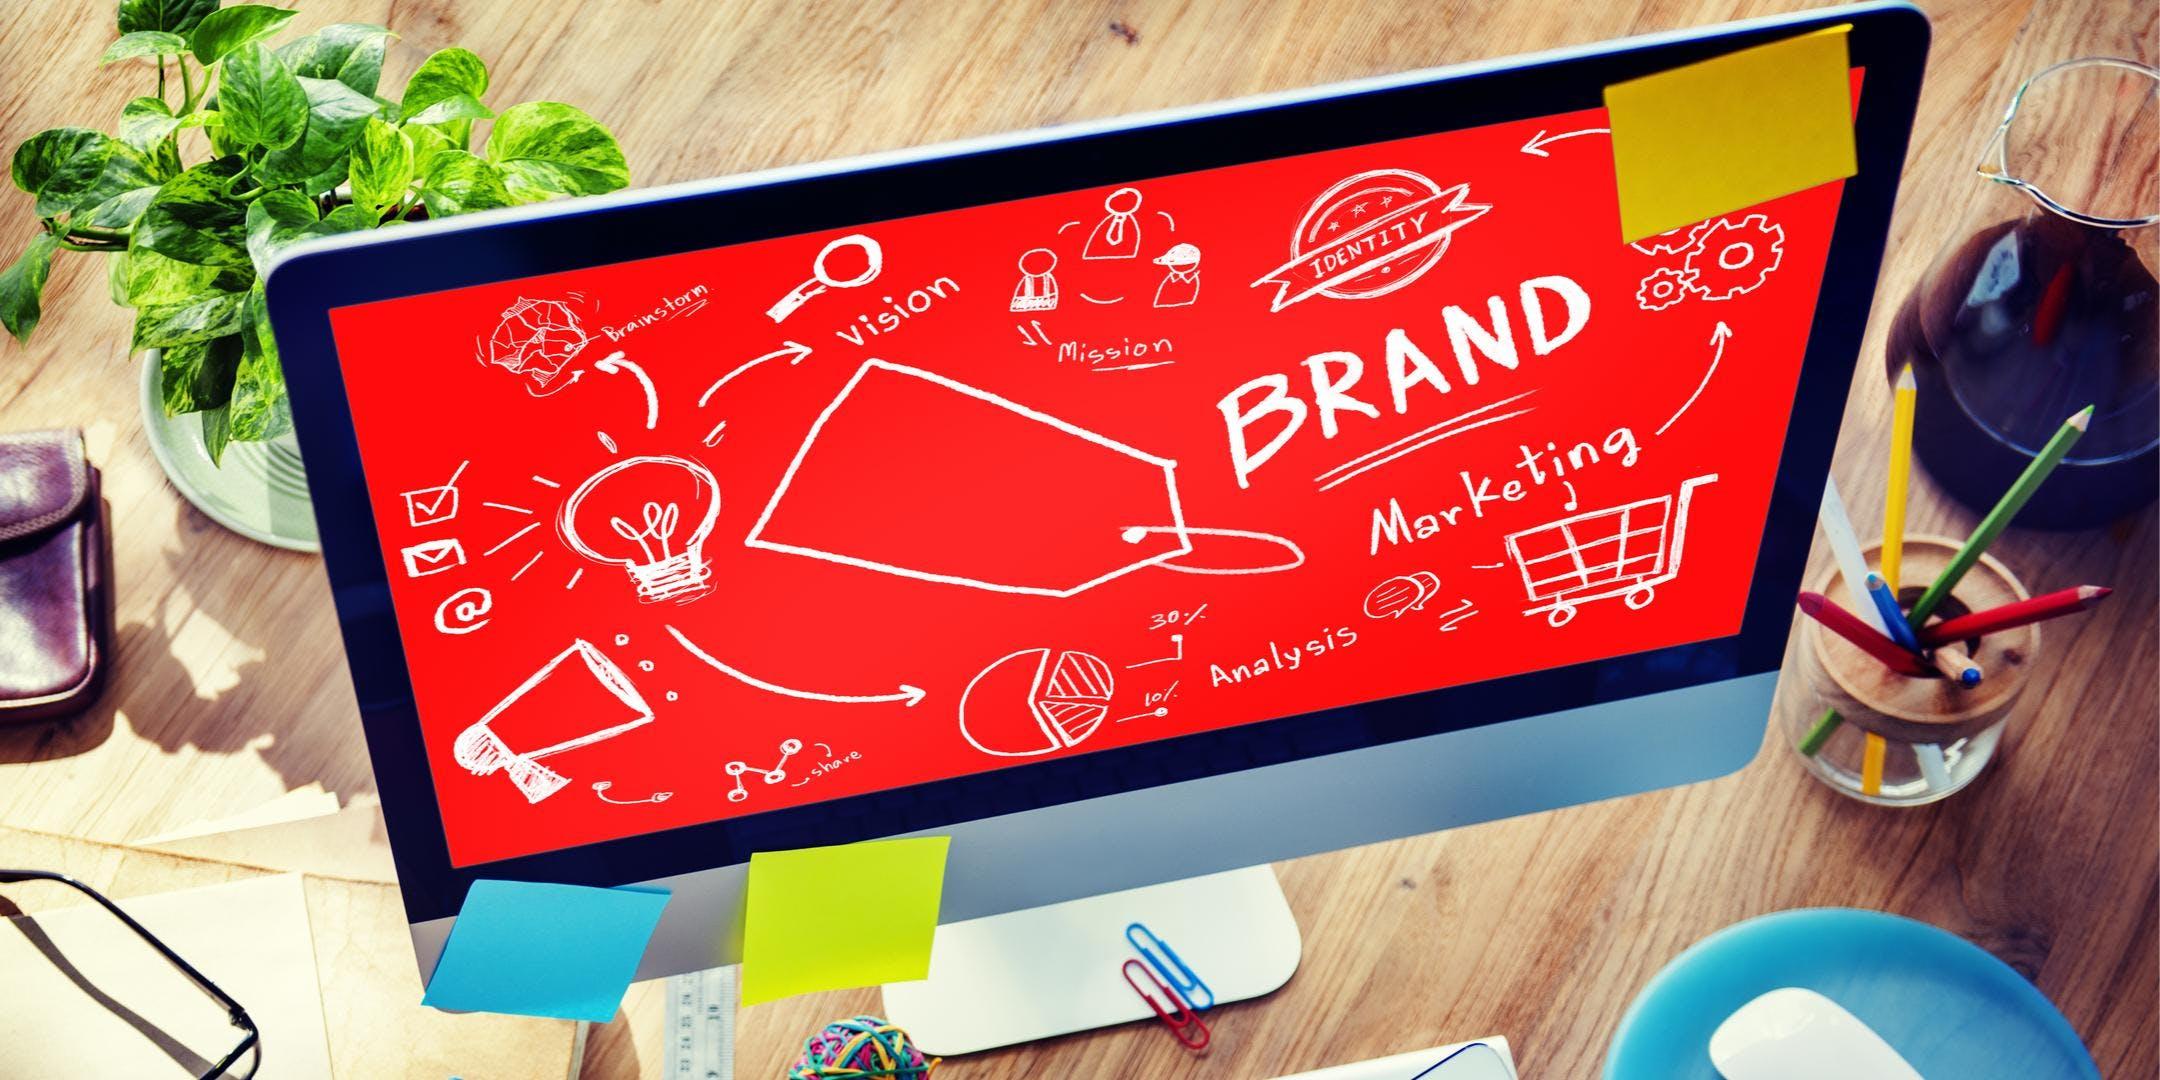 PersonalizedPR Online Branding, website